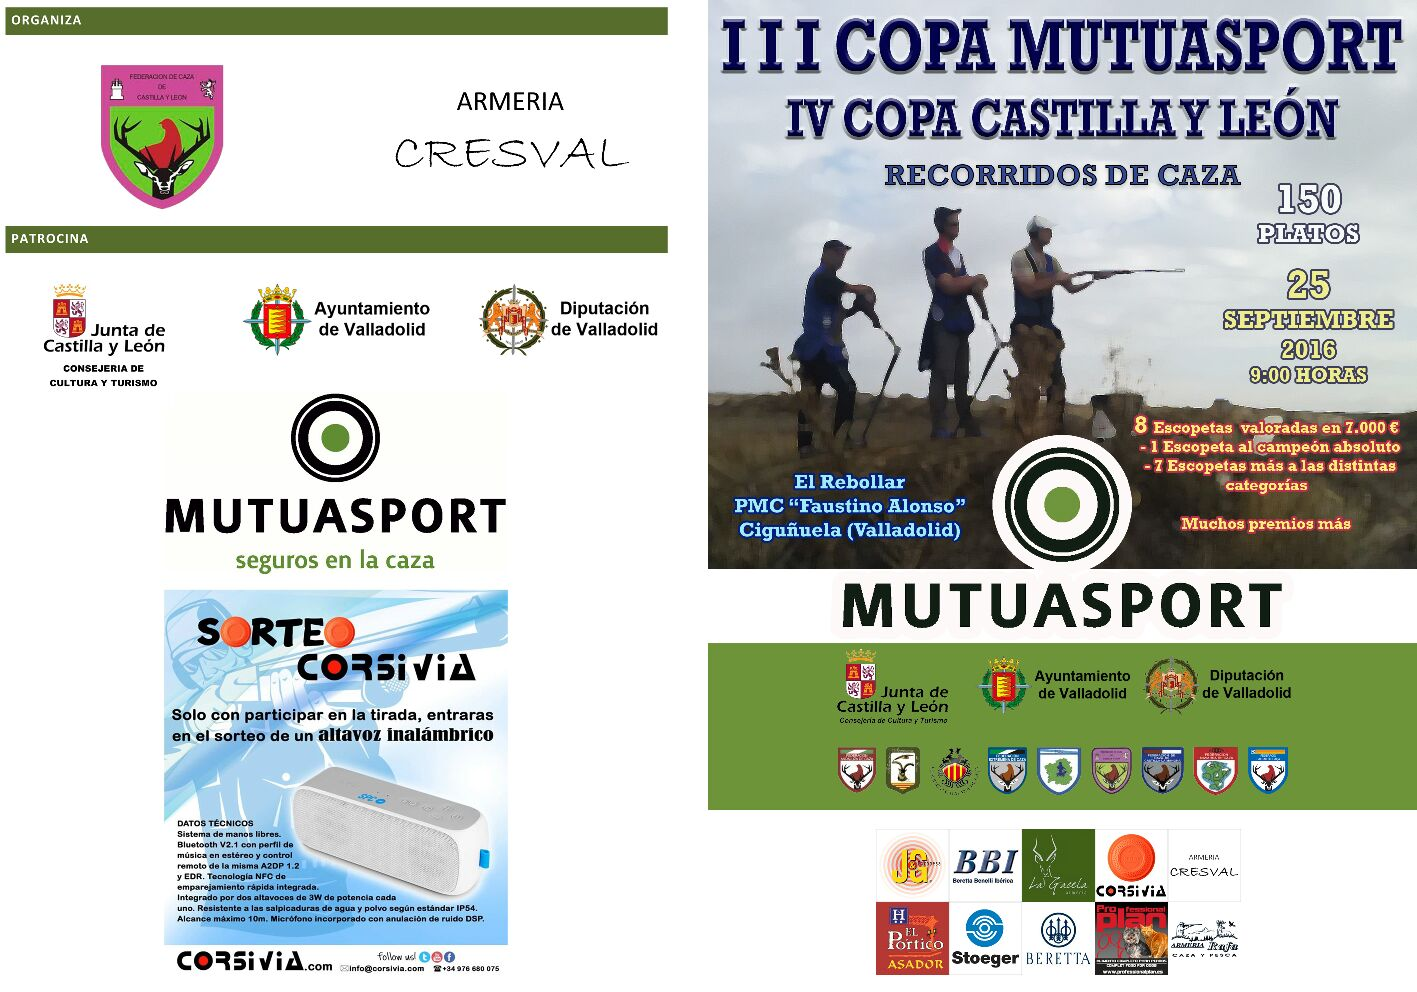 La  Federación de Castilla y León y Mutuasport organizan la III Copa Mutuasport y la IV Copa de Castilla y León de Recorridos de Caza